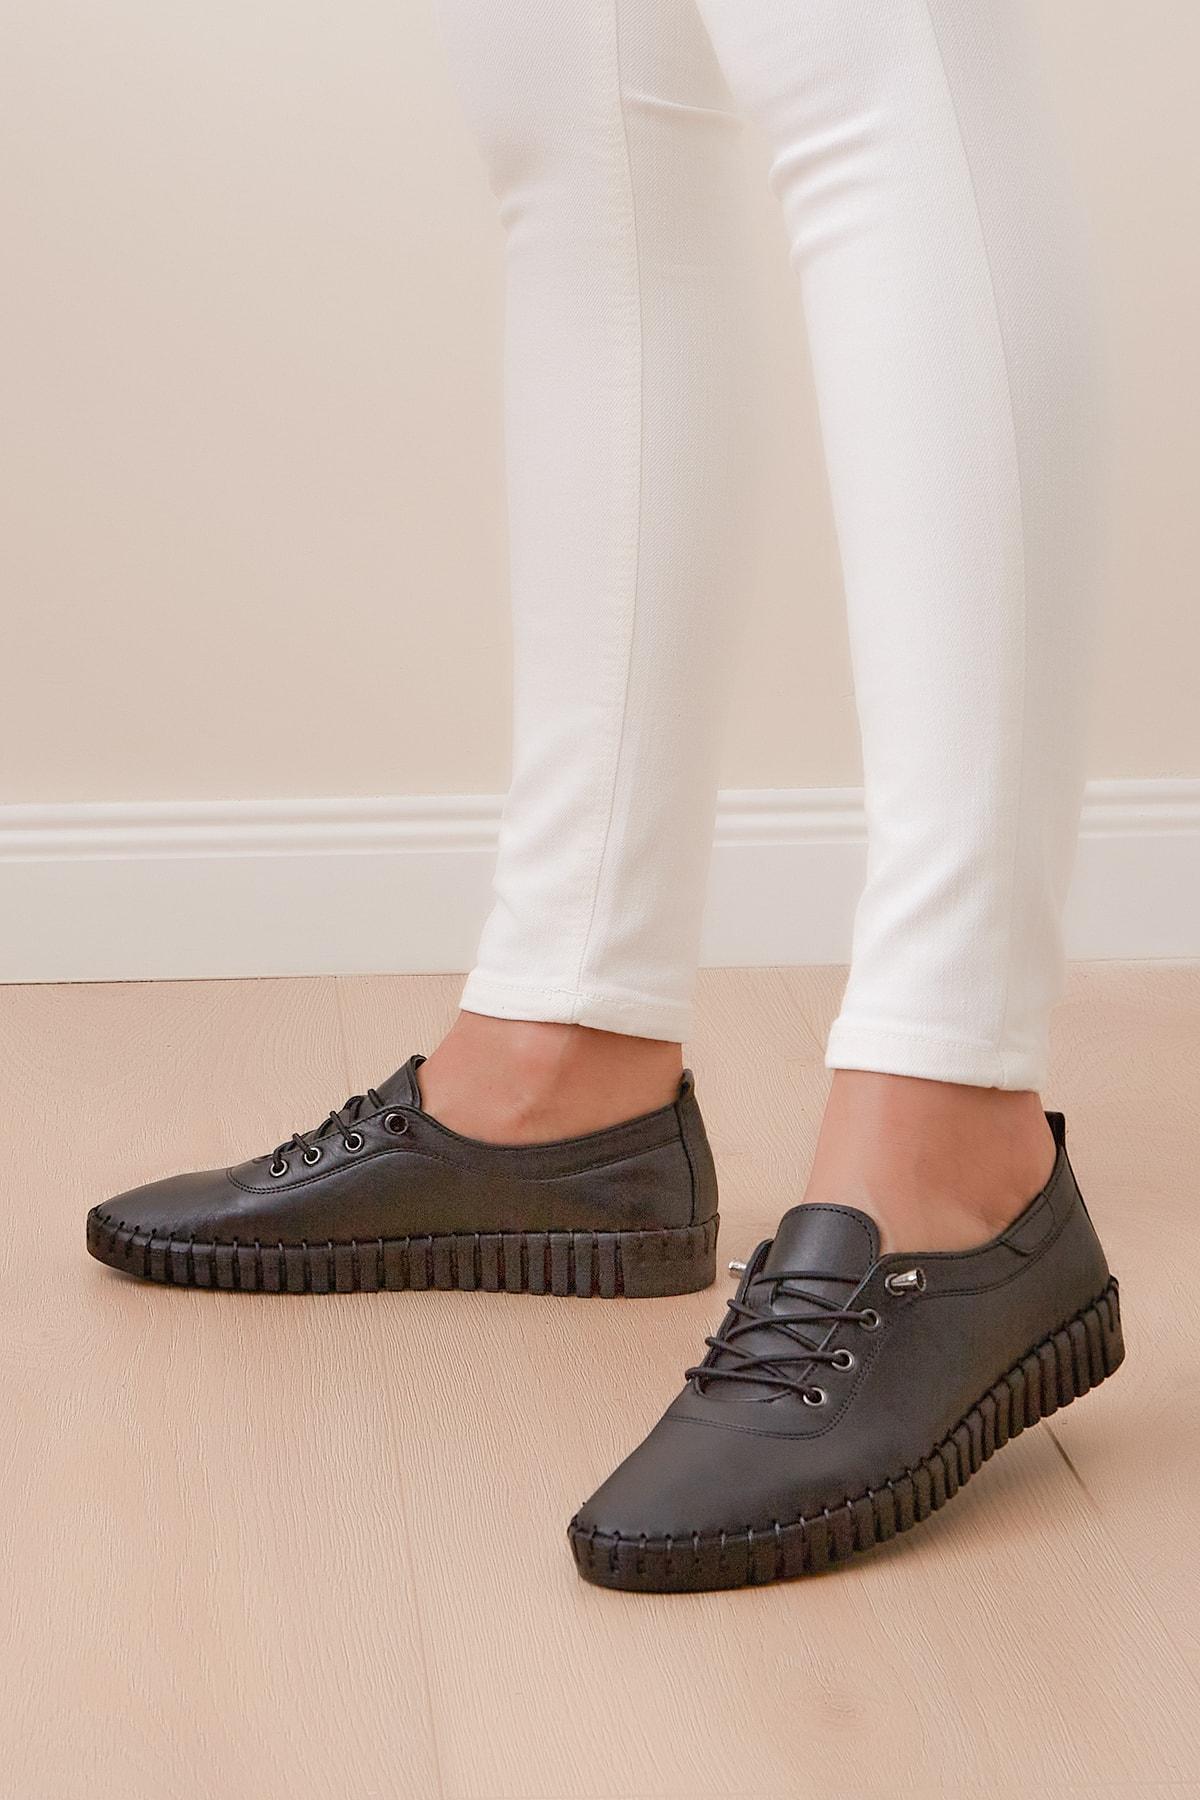 Shoes Time Spor 20y 321 1